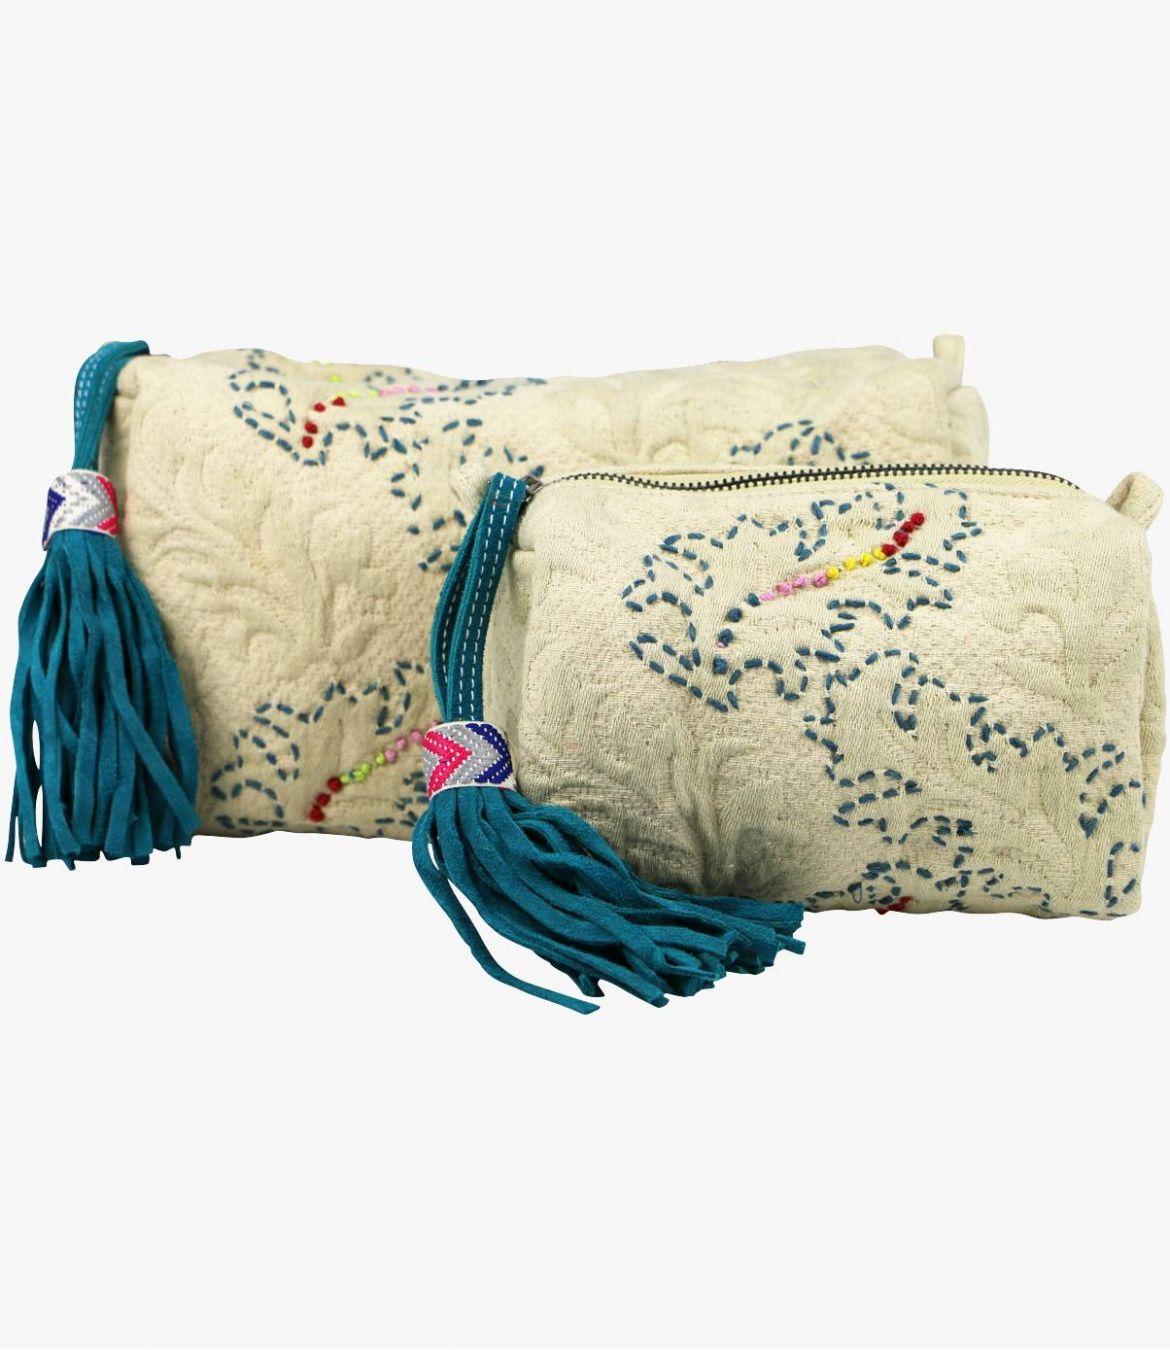 COSM - GAMME VILLE Pochette en Coton pour Femme 20x7x11cm / 29x14x14cm Storiatipic - 2